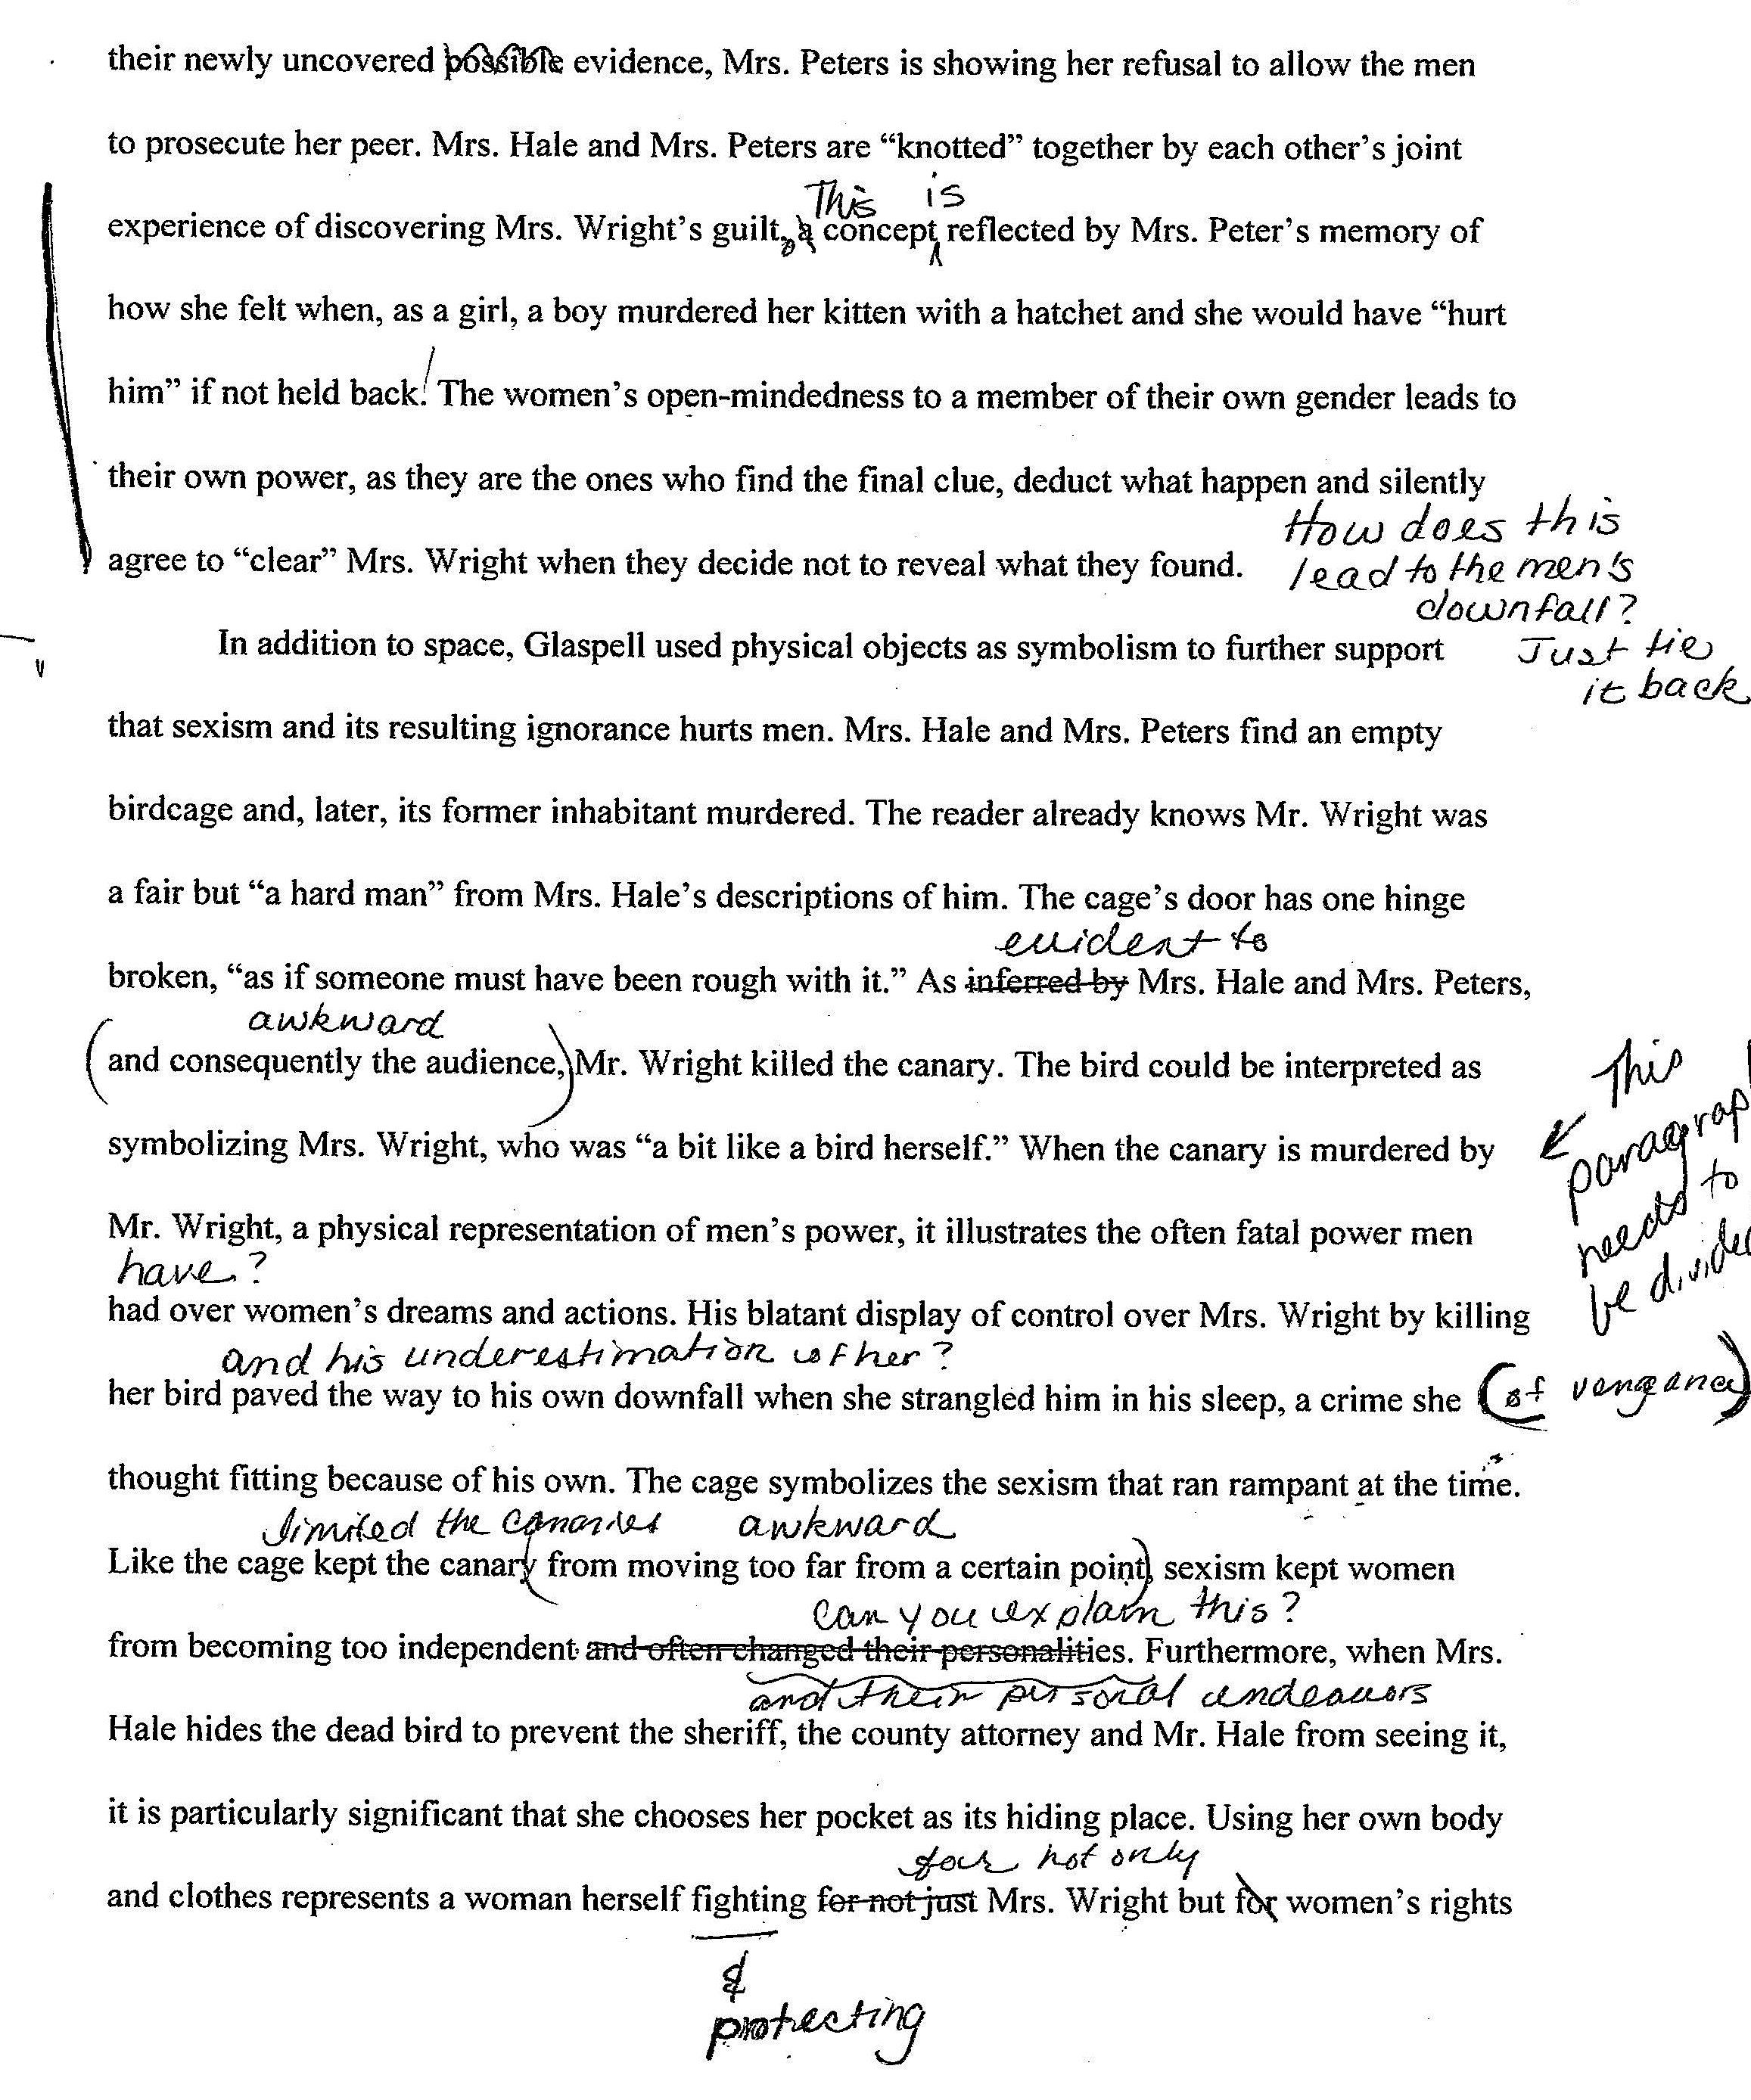 002 Trifles Essay Example Formidable Questions Feminism Topics Full